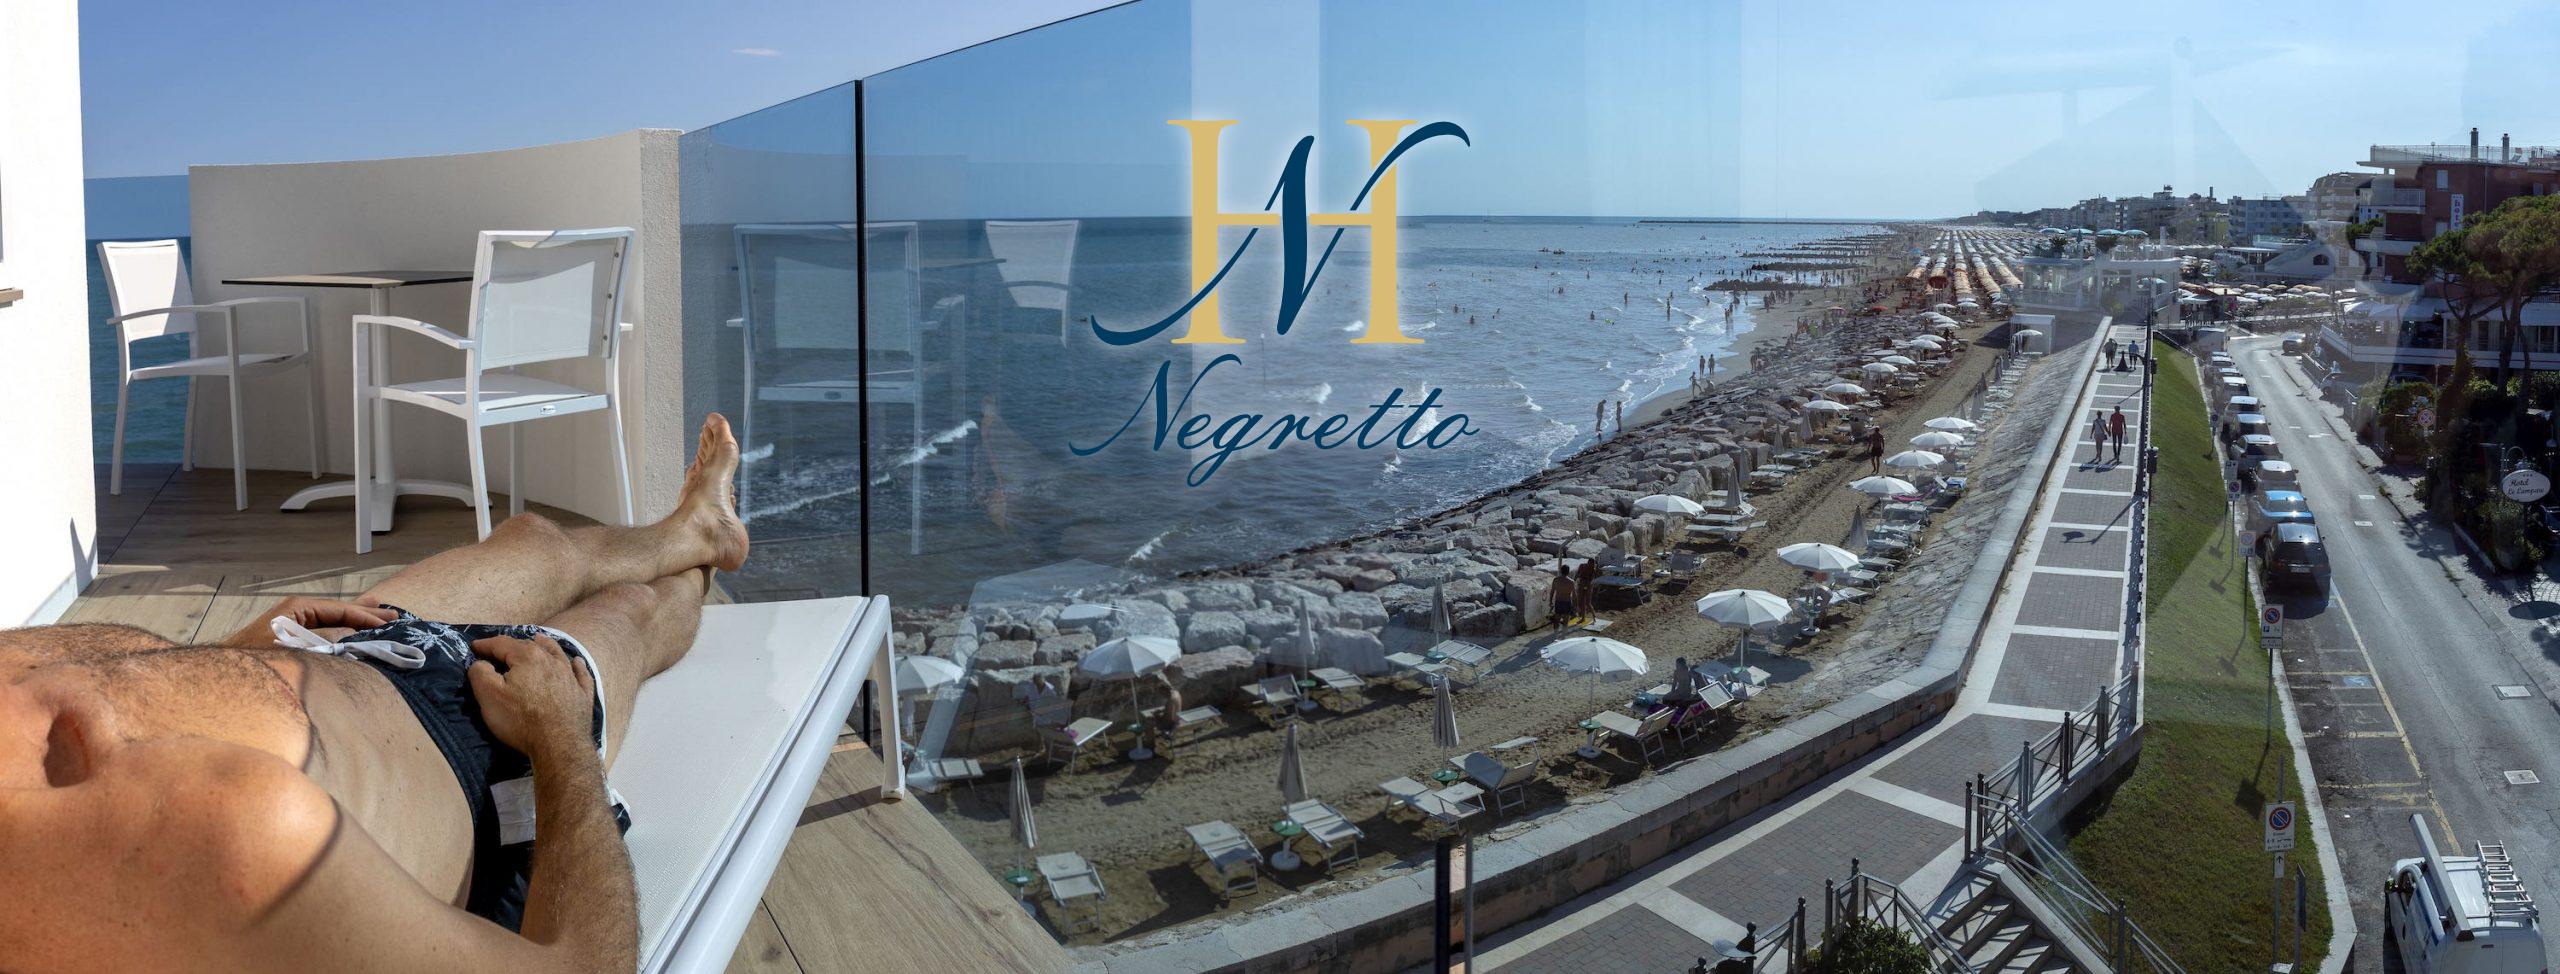 caorle hotel sul mare - hotel negretto